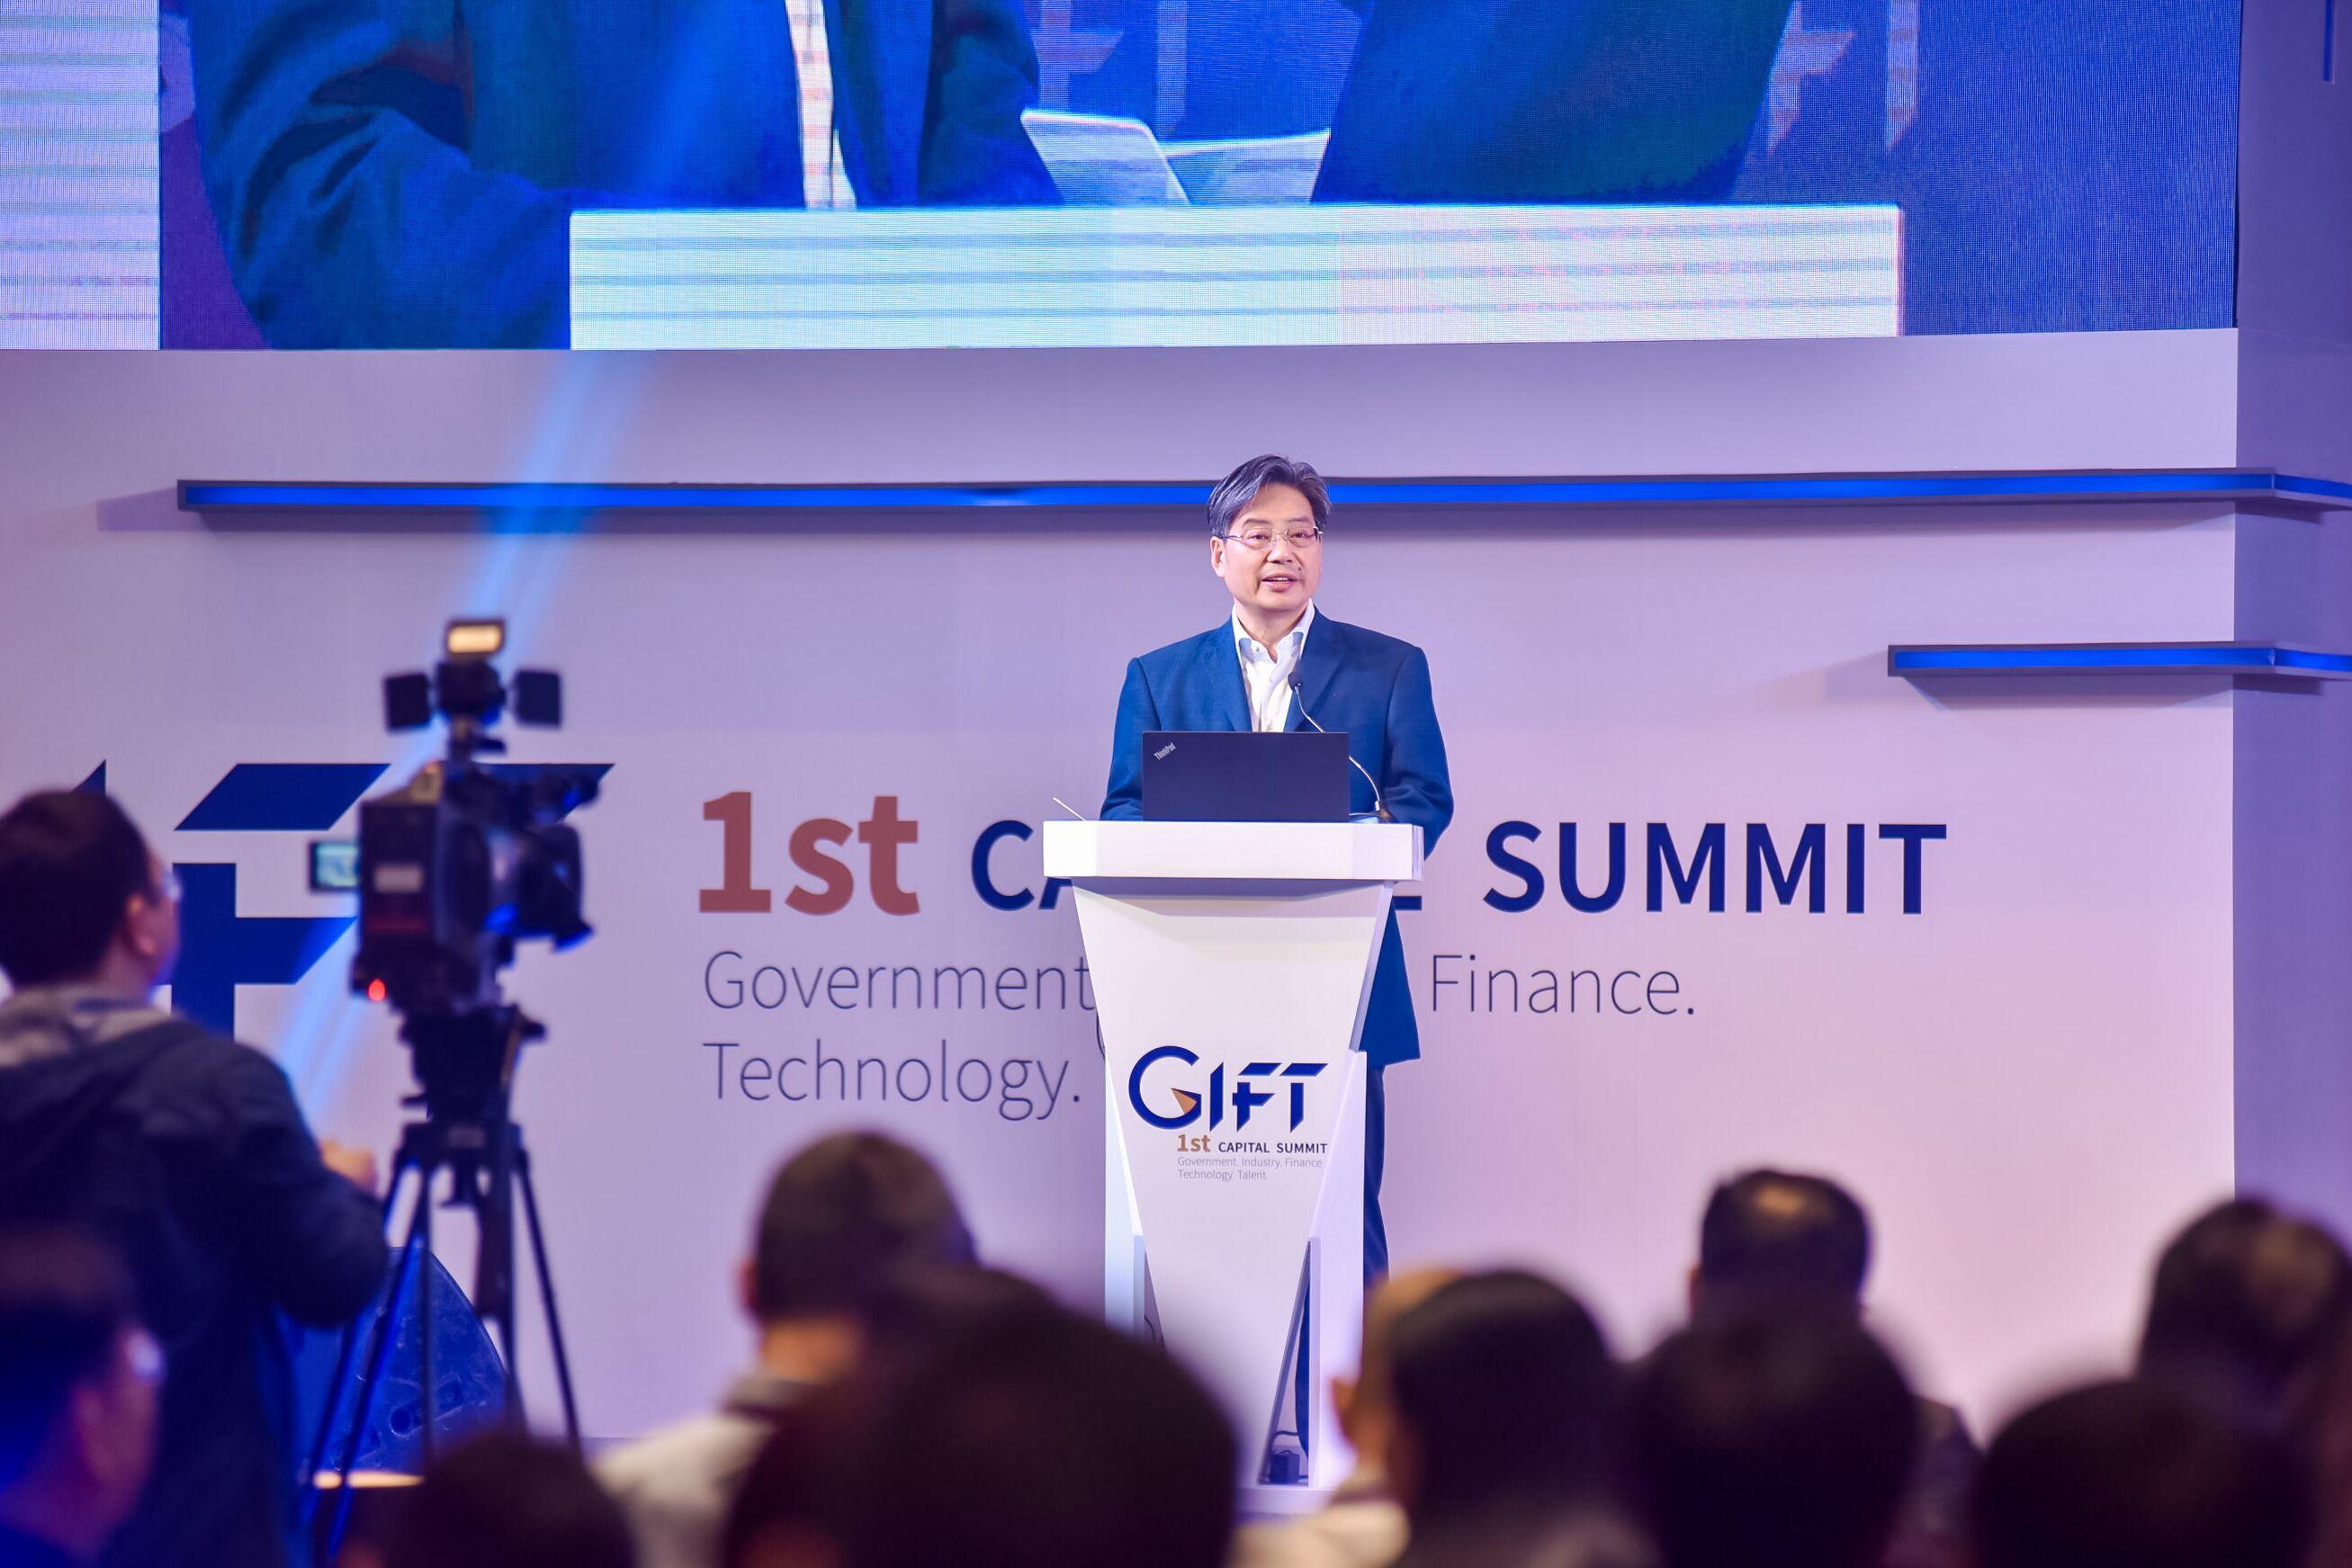 600位金融大咖齐聚无锡共话本钱立异赋能 ——首届GIFT峰会为长三角区域经济高质量开展献礼